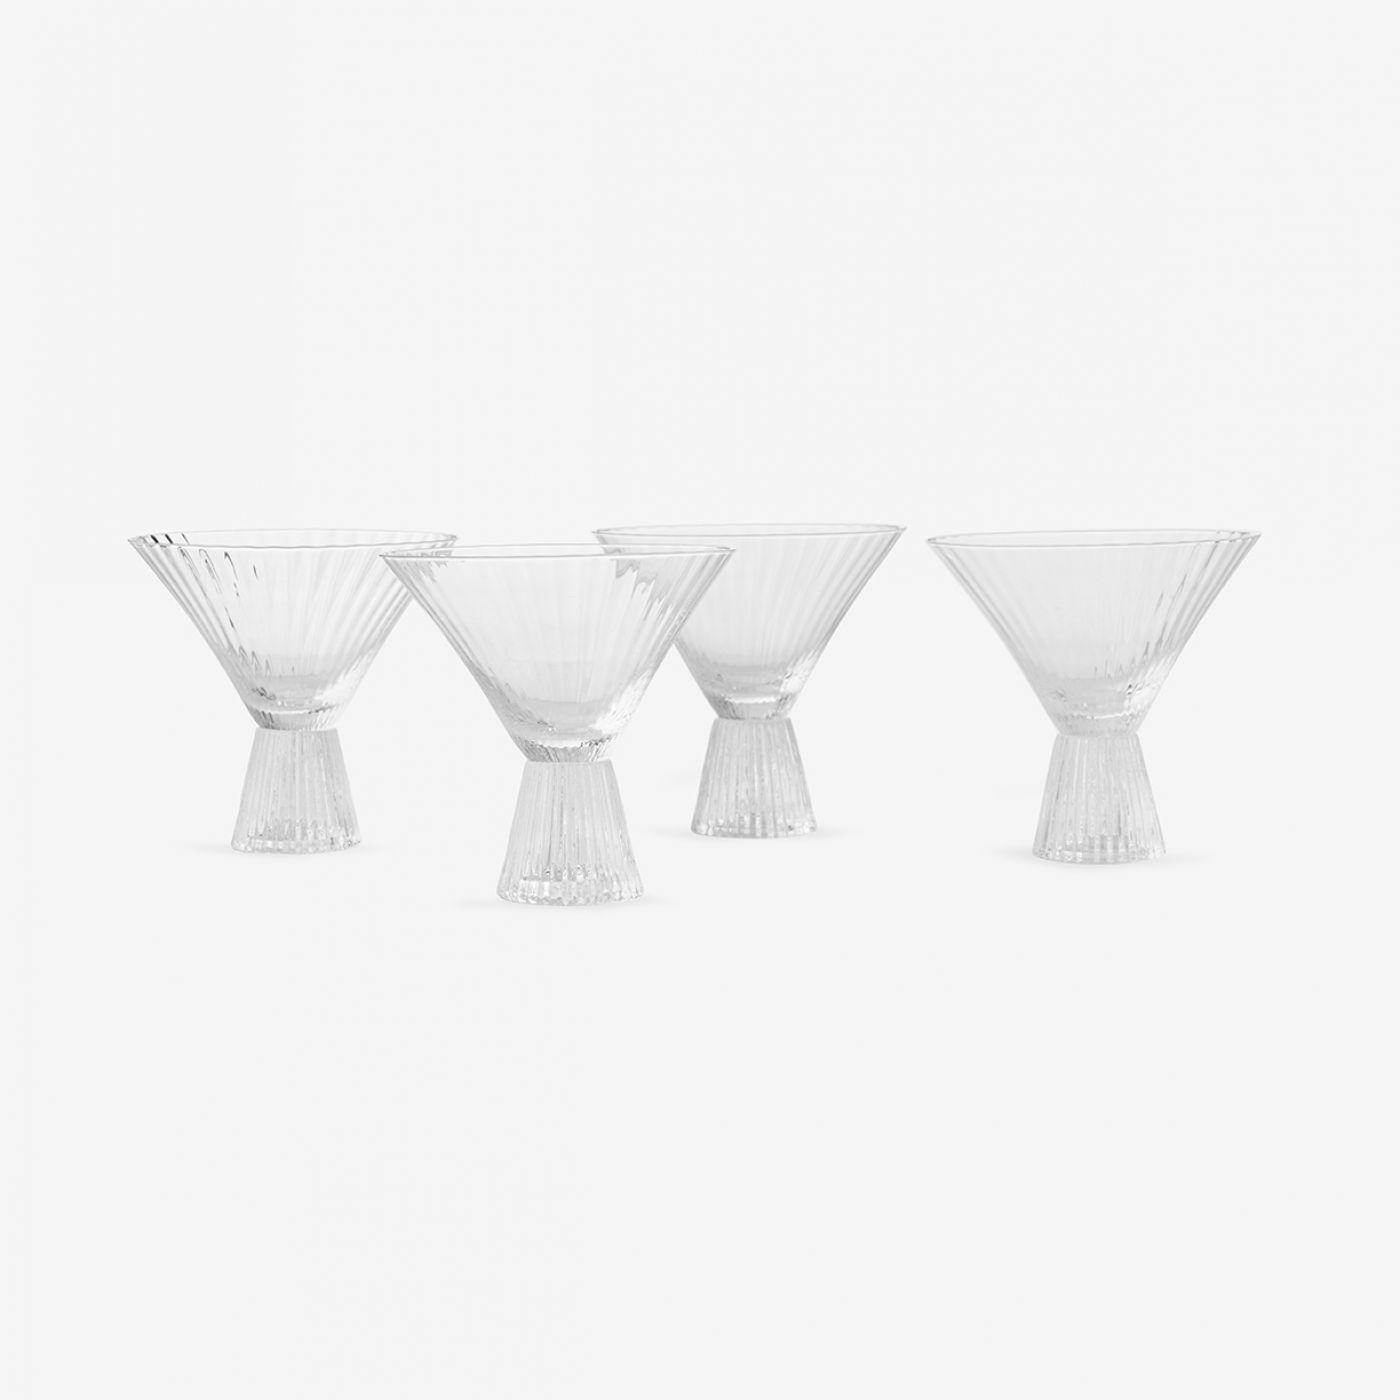 מארז 4 כוסות מרטיני